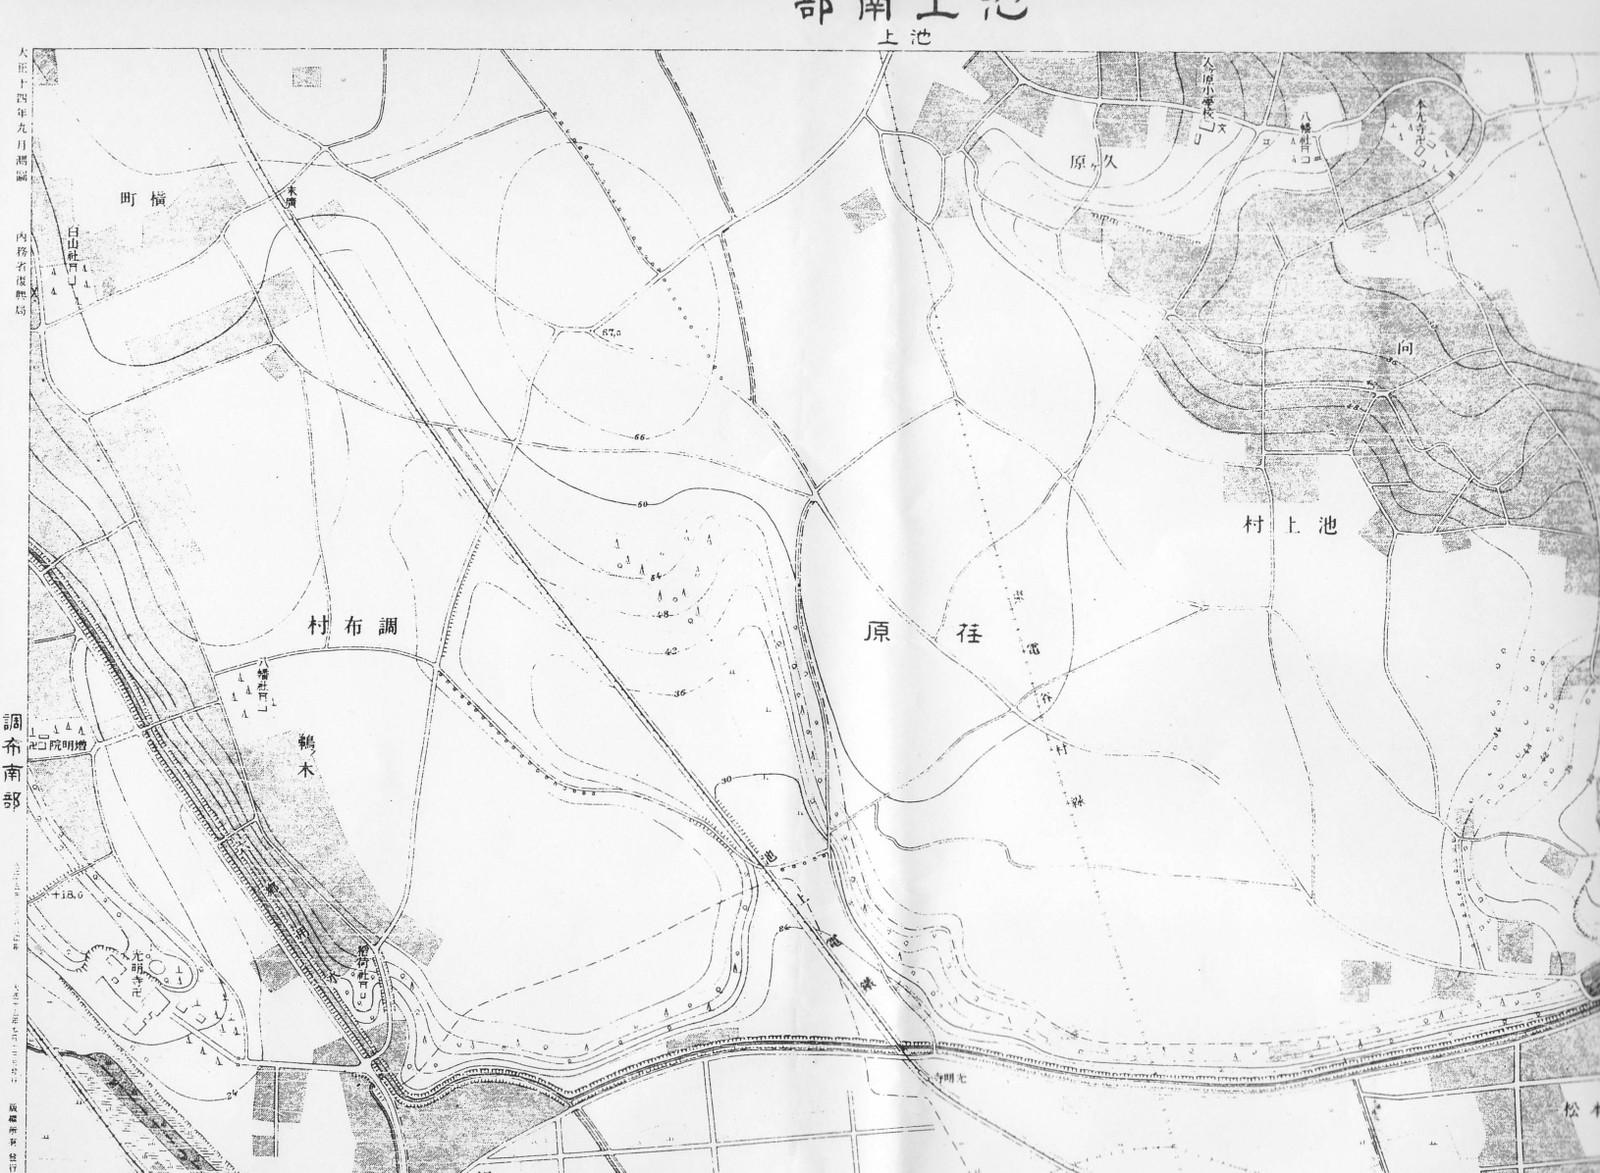 昔の久が原の地図: 戦前の久が原